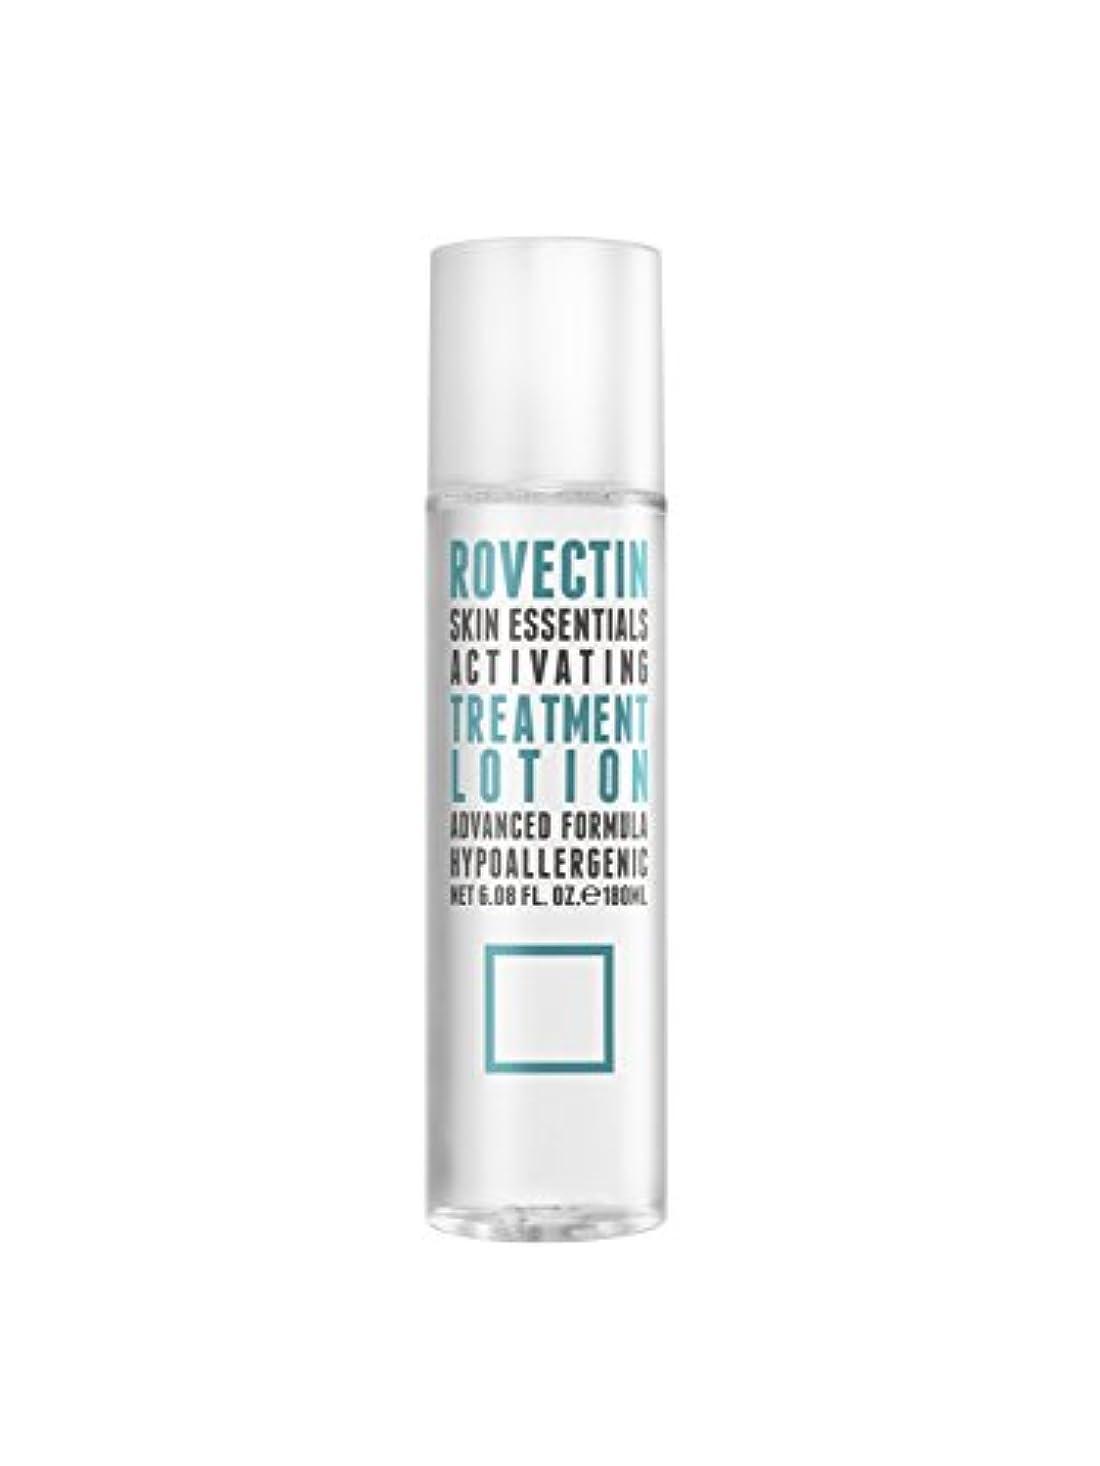 六作ります酔っ払いスキン エッセンシャルズ アクティベイティング トリートメントローション Skin Essentials Activating Treatment Lotion 180ml [並行輸入品]